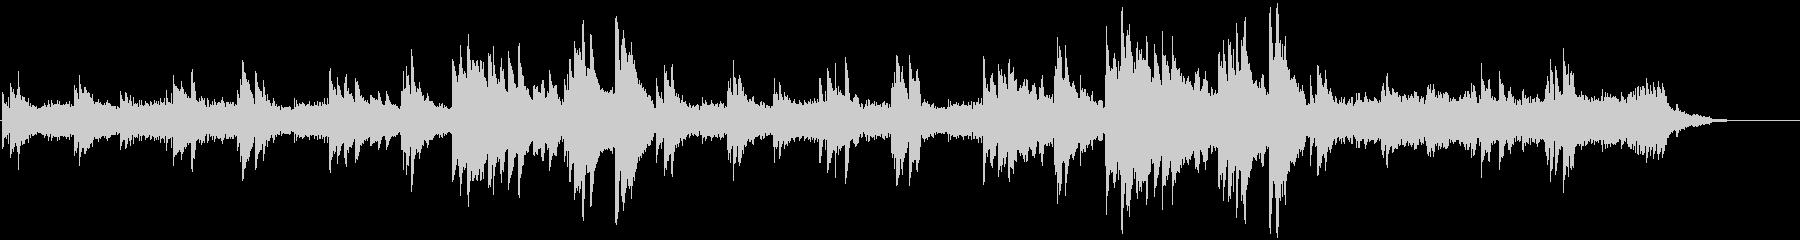 ピアノ、ストリングス、ギター、シン...の未再生の波形